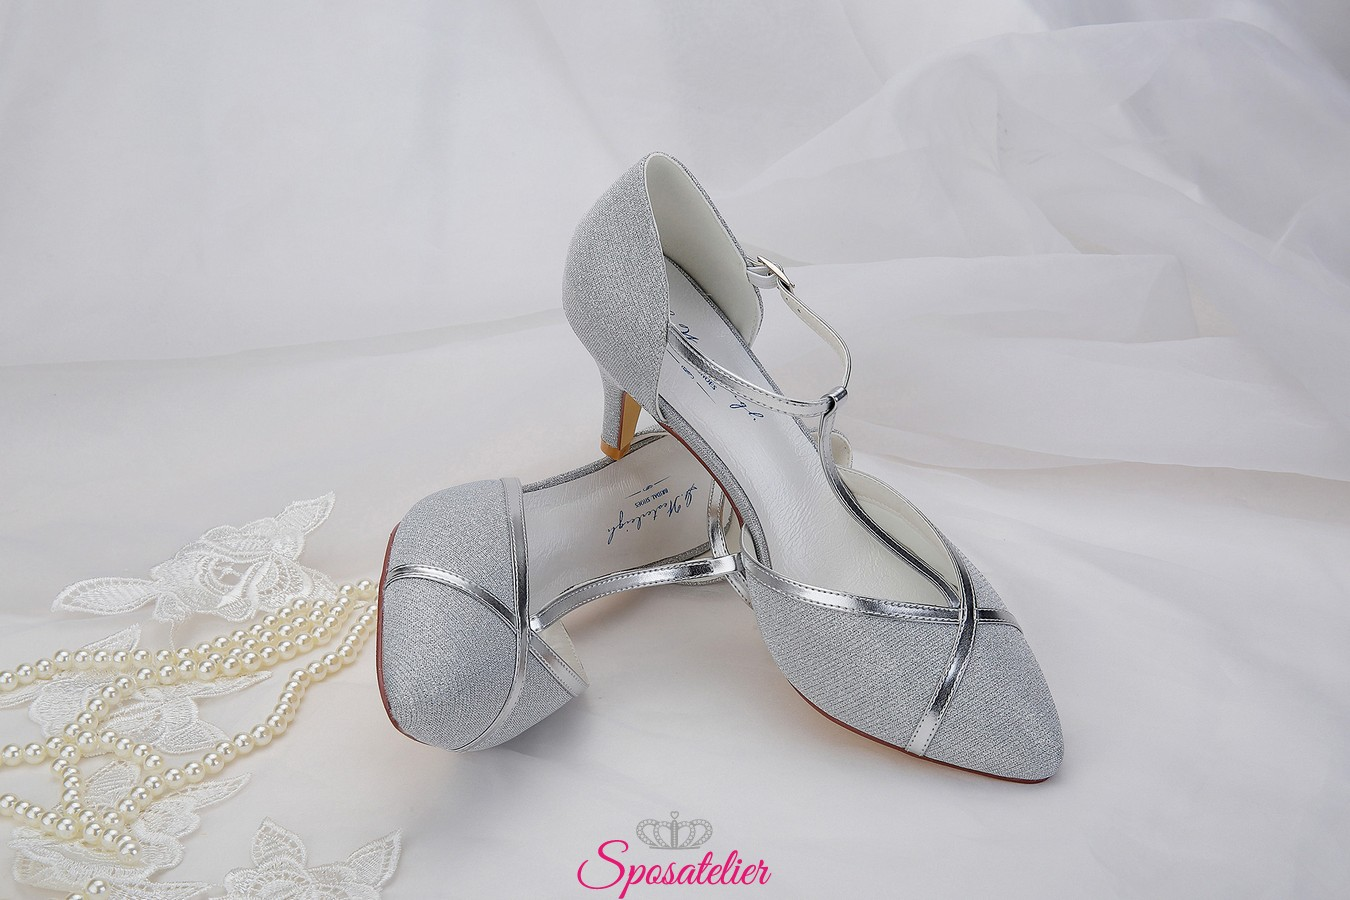 Scarpe Da Sposa Color Argento.Scarpe Da Sposa Color Argento Eleganti Collezione 2019sposatelier